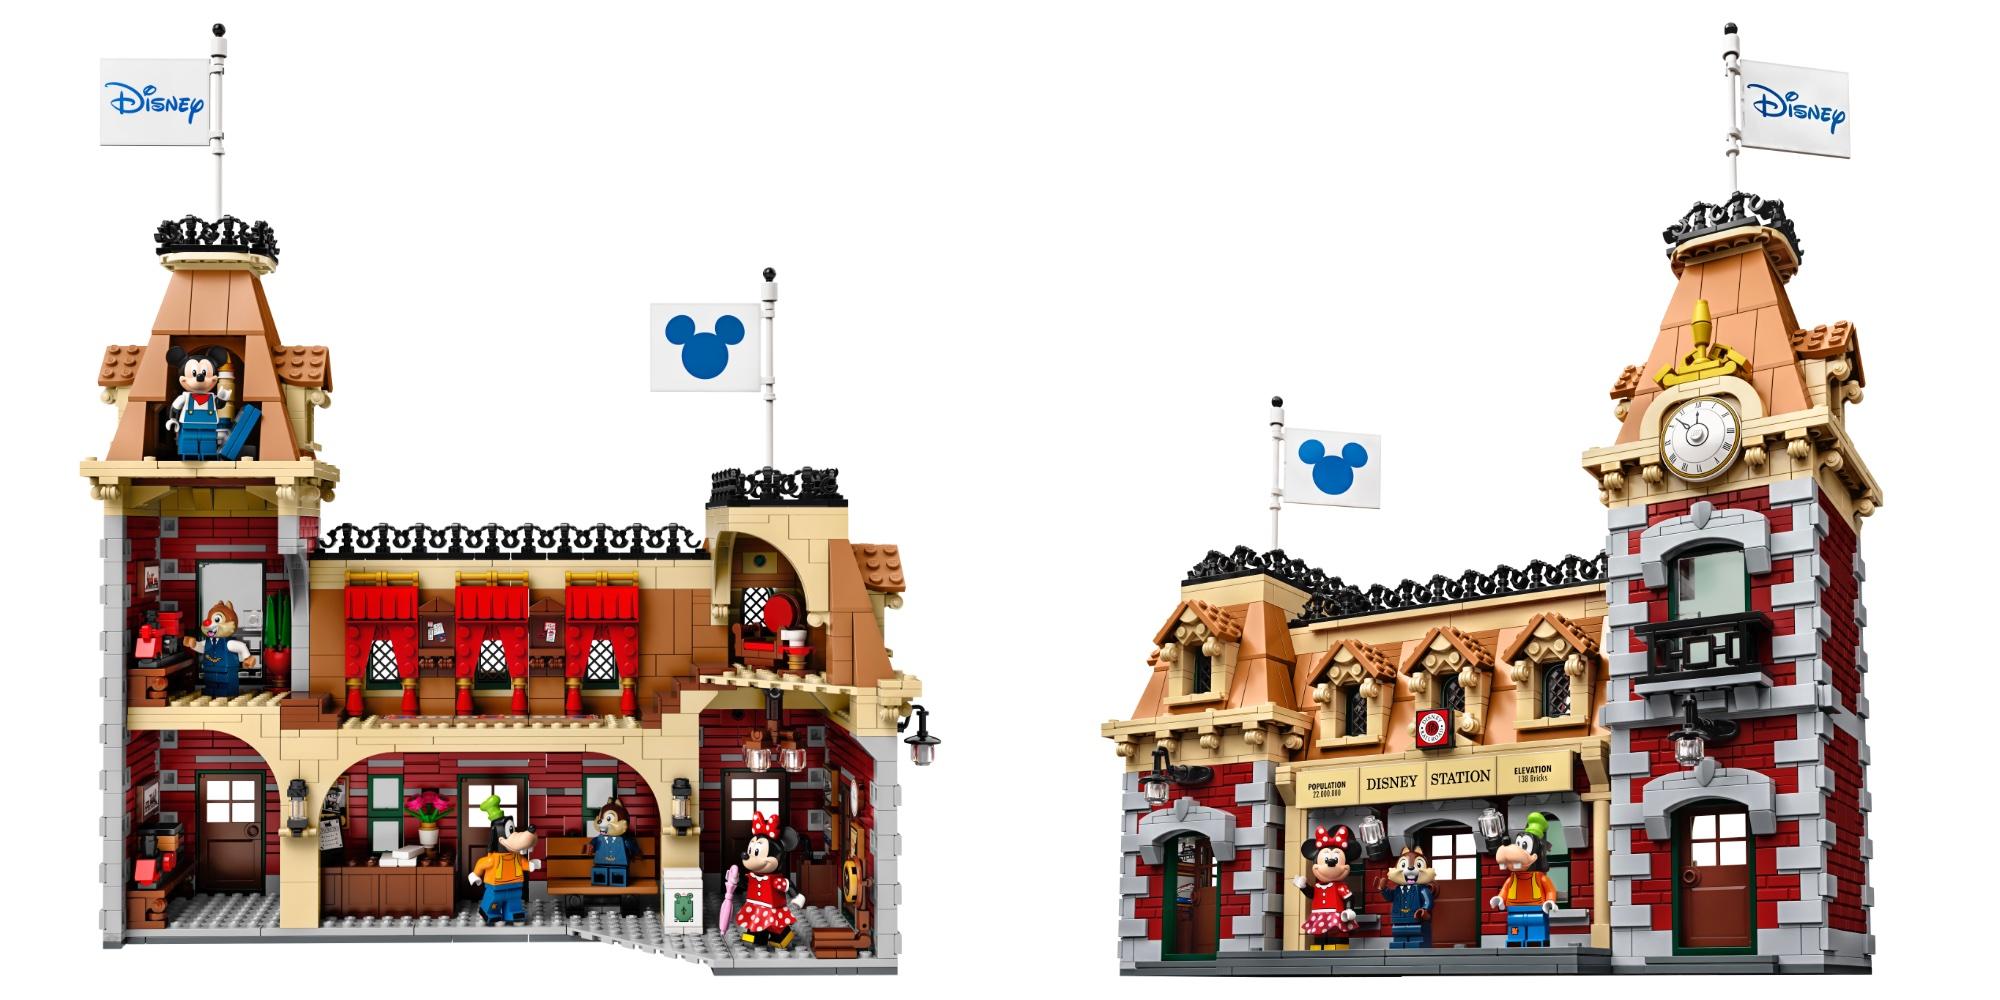 LEGO Disney Train Station